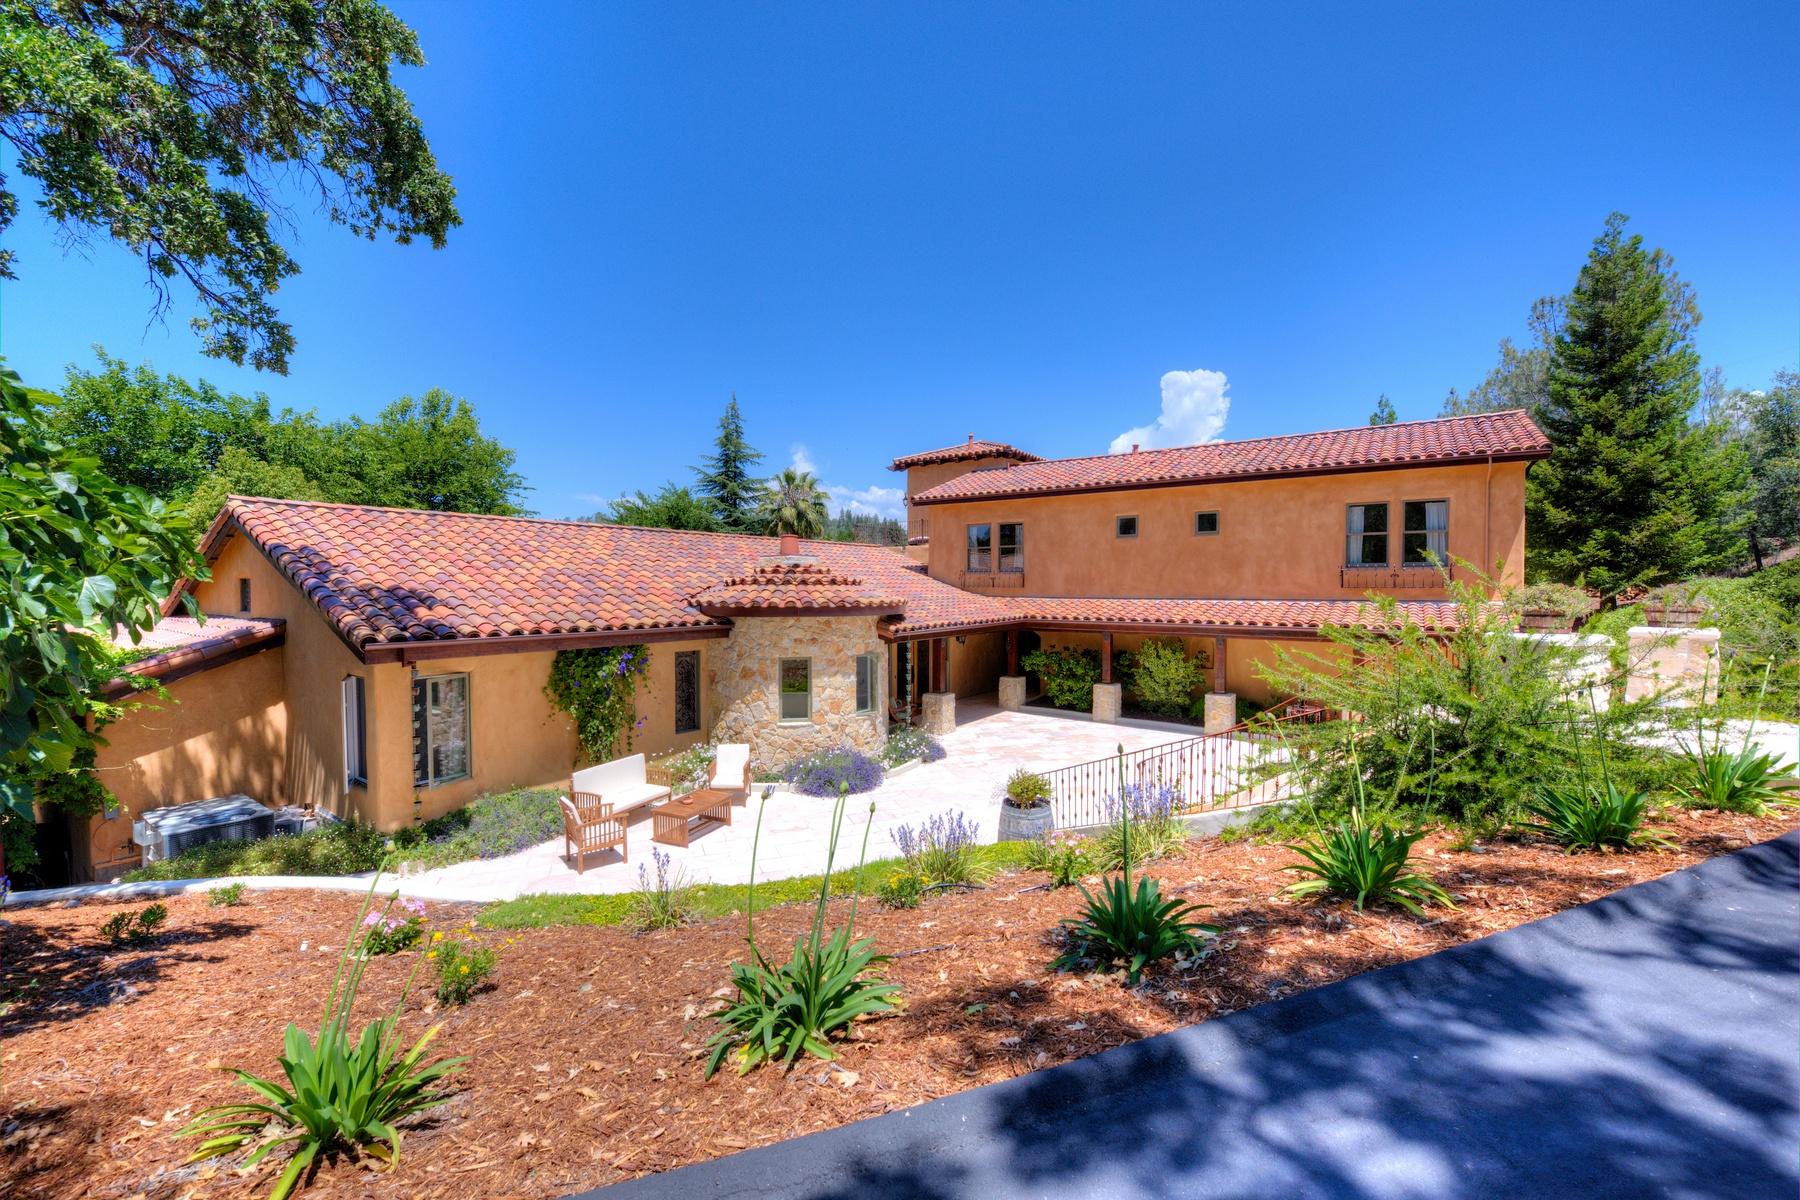 Ferme / Ranch / Plantation pour l Vente à Stunning Equestrian Estate 1320 Winchester Way Auburn, Californie 95602 États-Unis